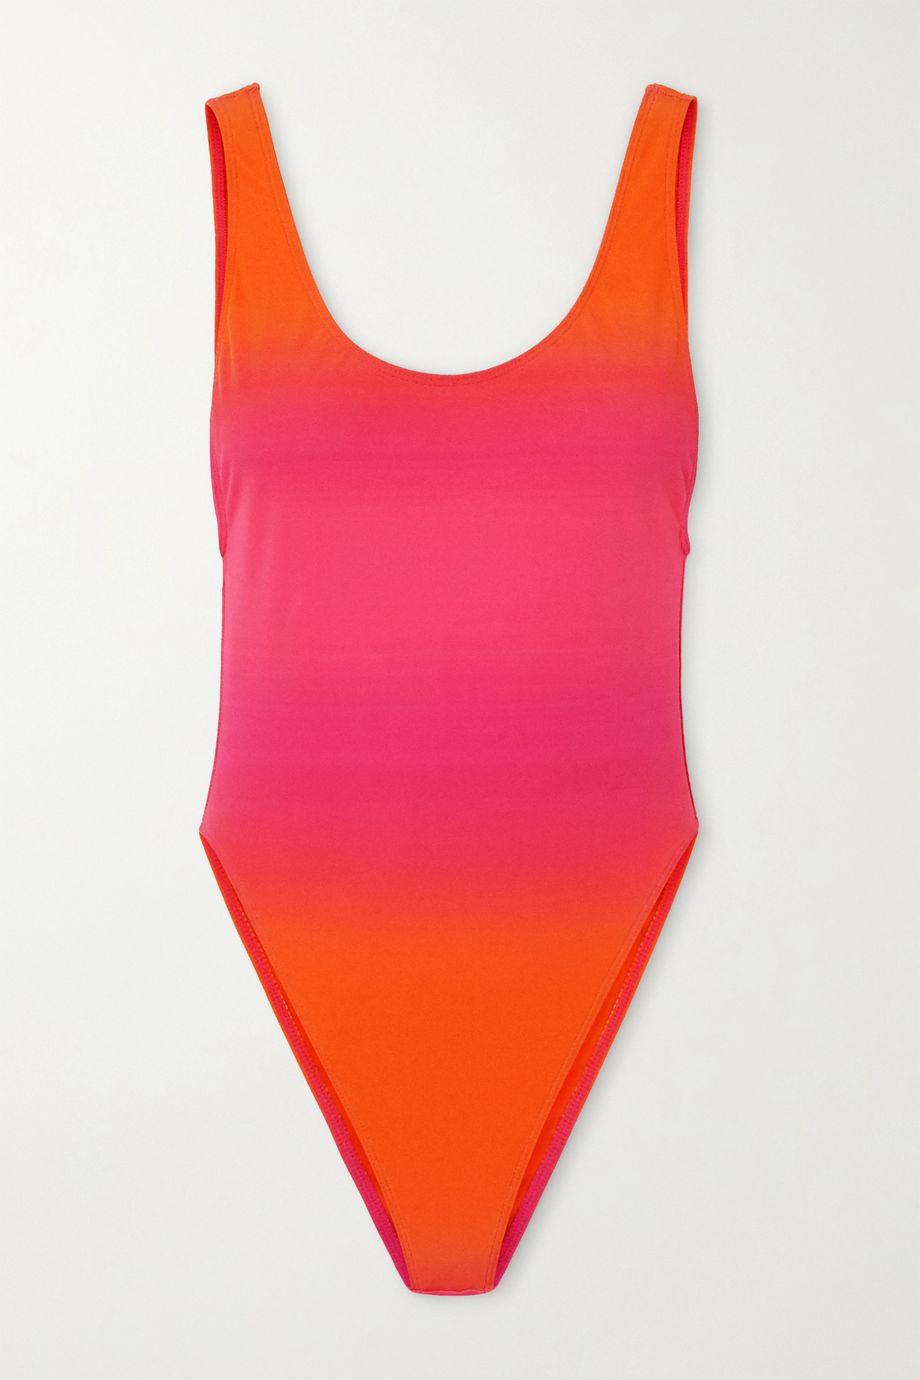 Jacquemus Camerio ombré swimsuit